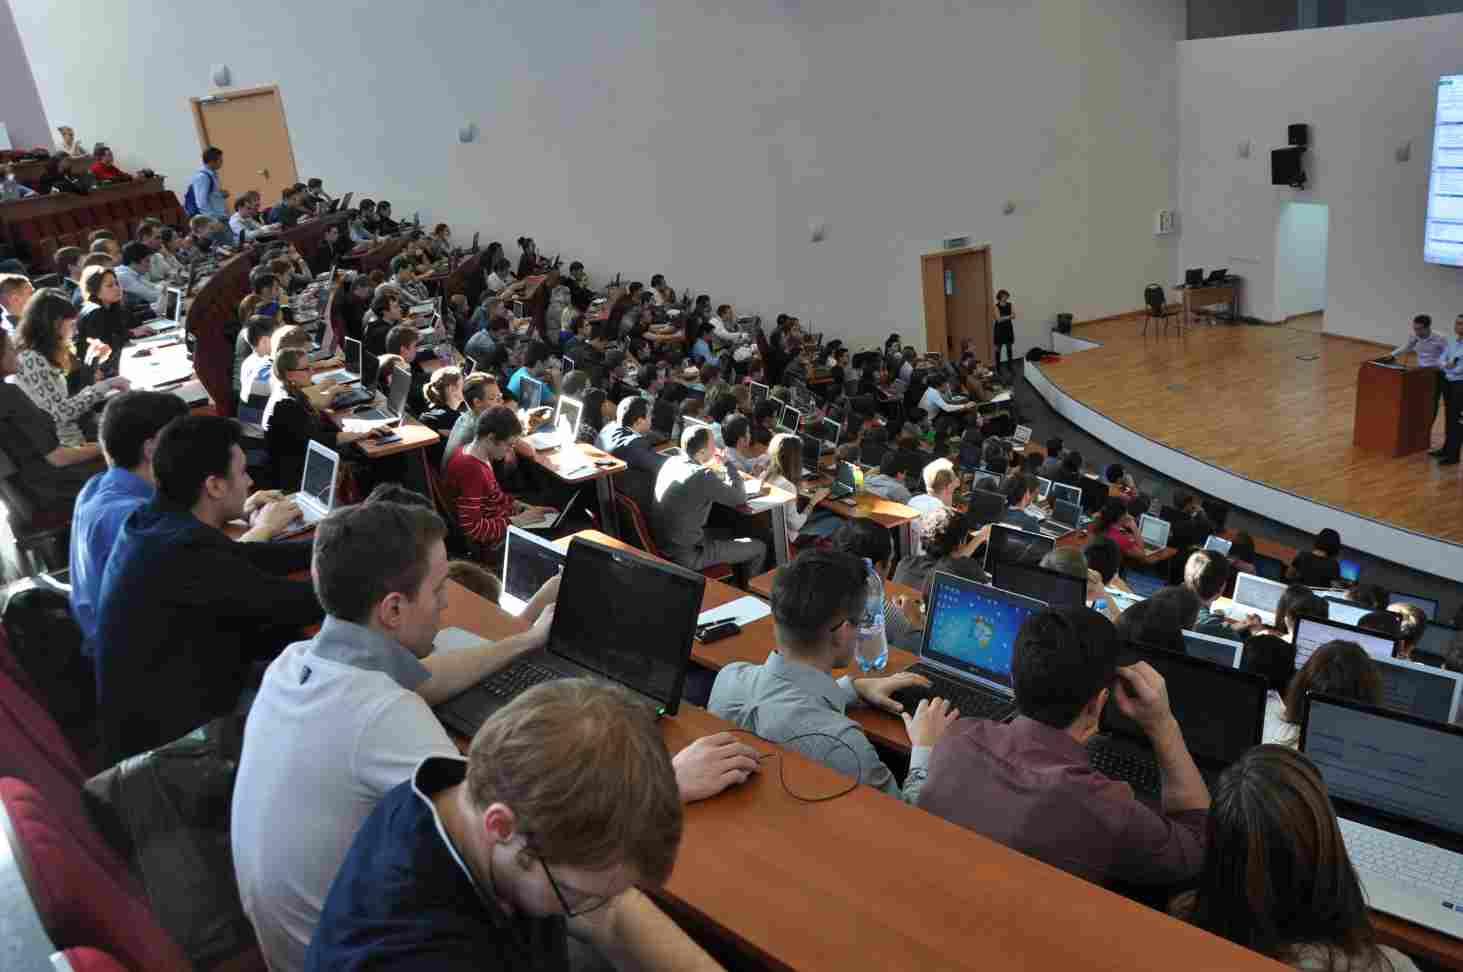 deputaty-predlozhili-pooshhryat-studentov-skidkami-na-platnoe-obuchenie